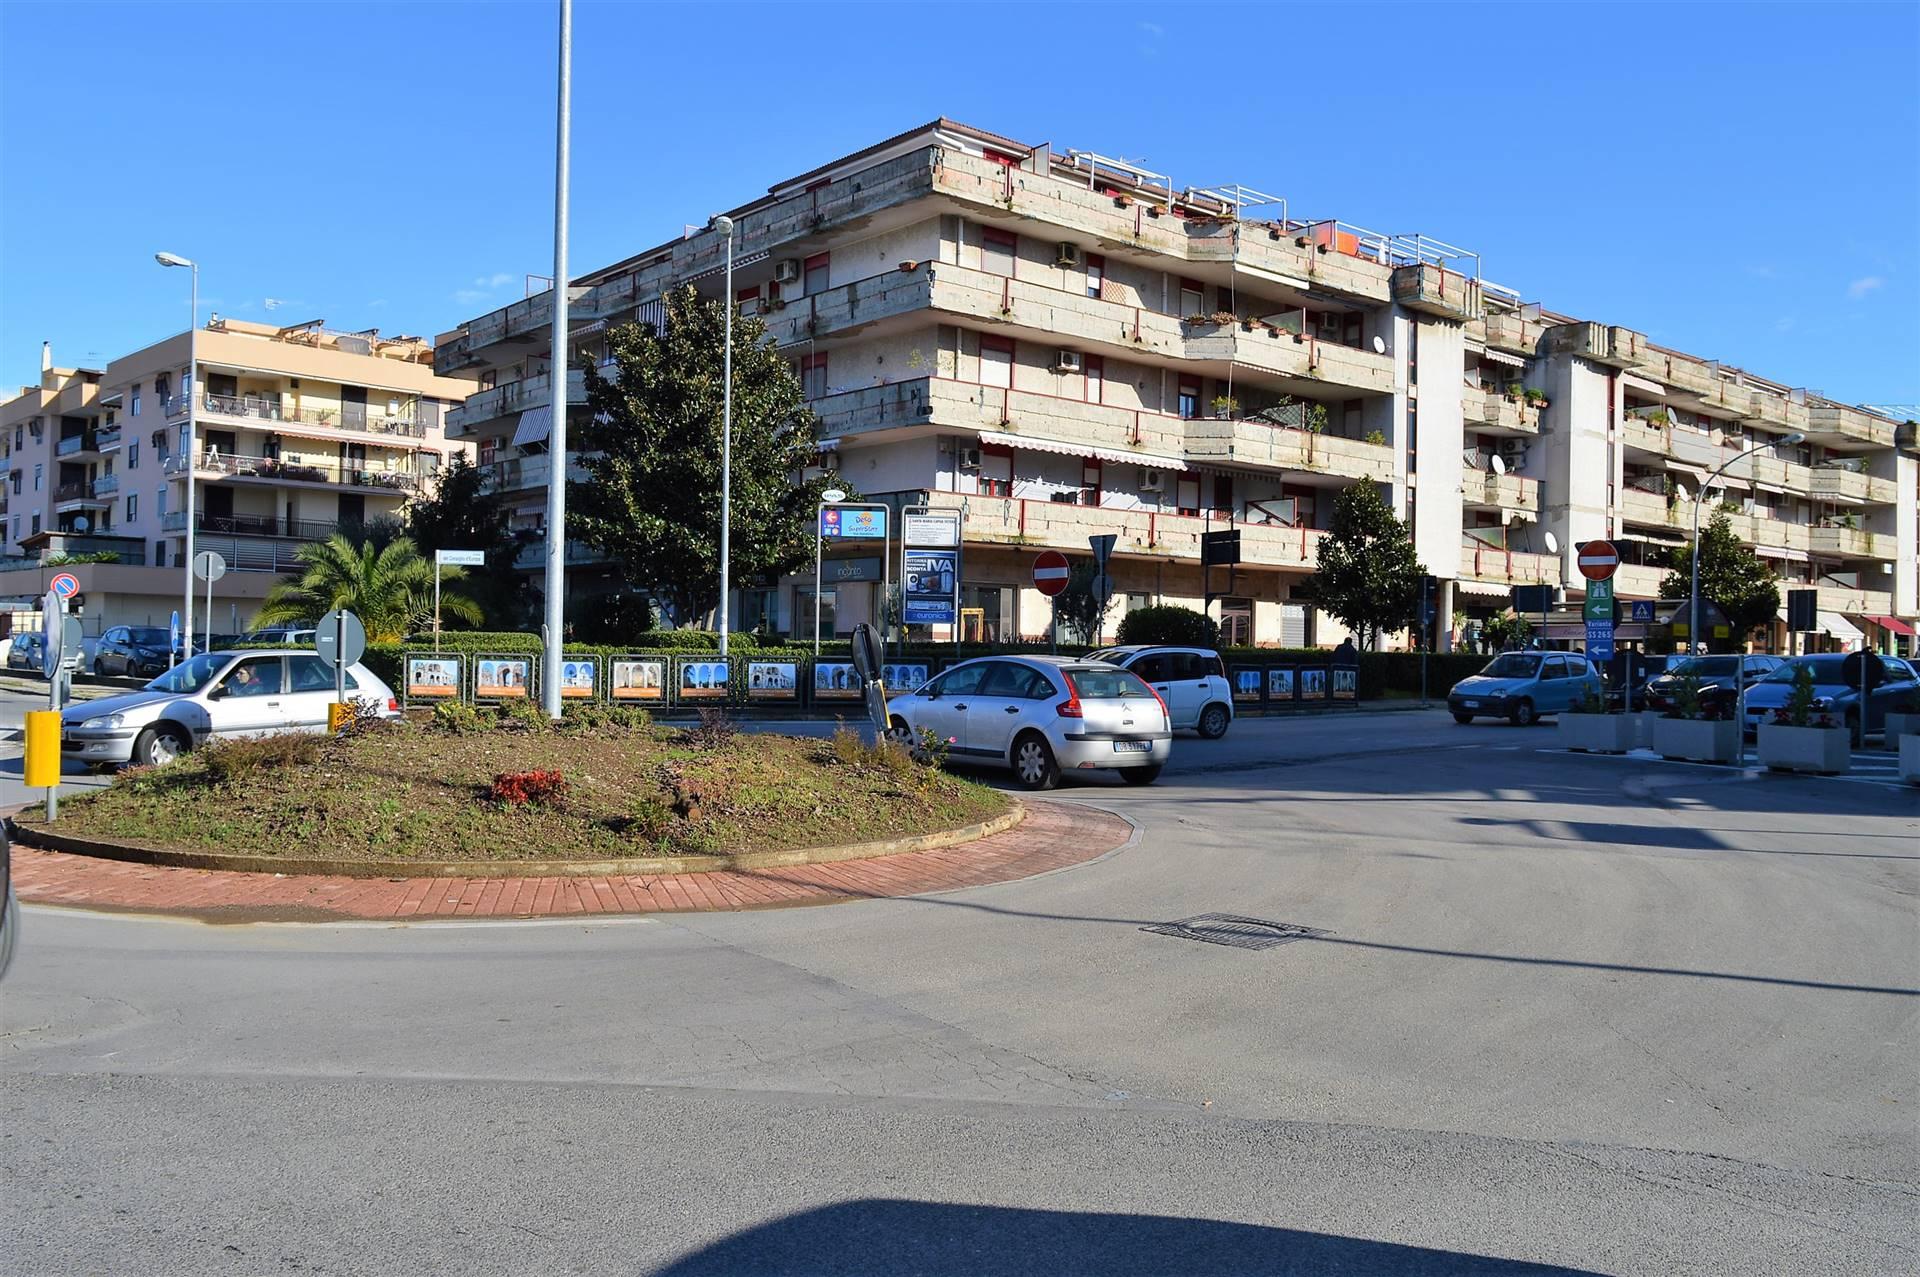 LF205D-Locale Commerciale-SANTA-MARIA-CAPUA-VETERE-Viale-Consiglio-D'Europa